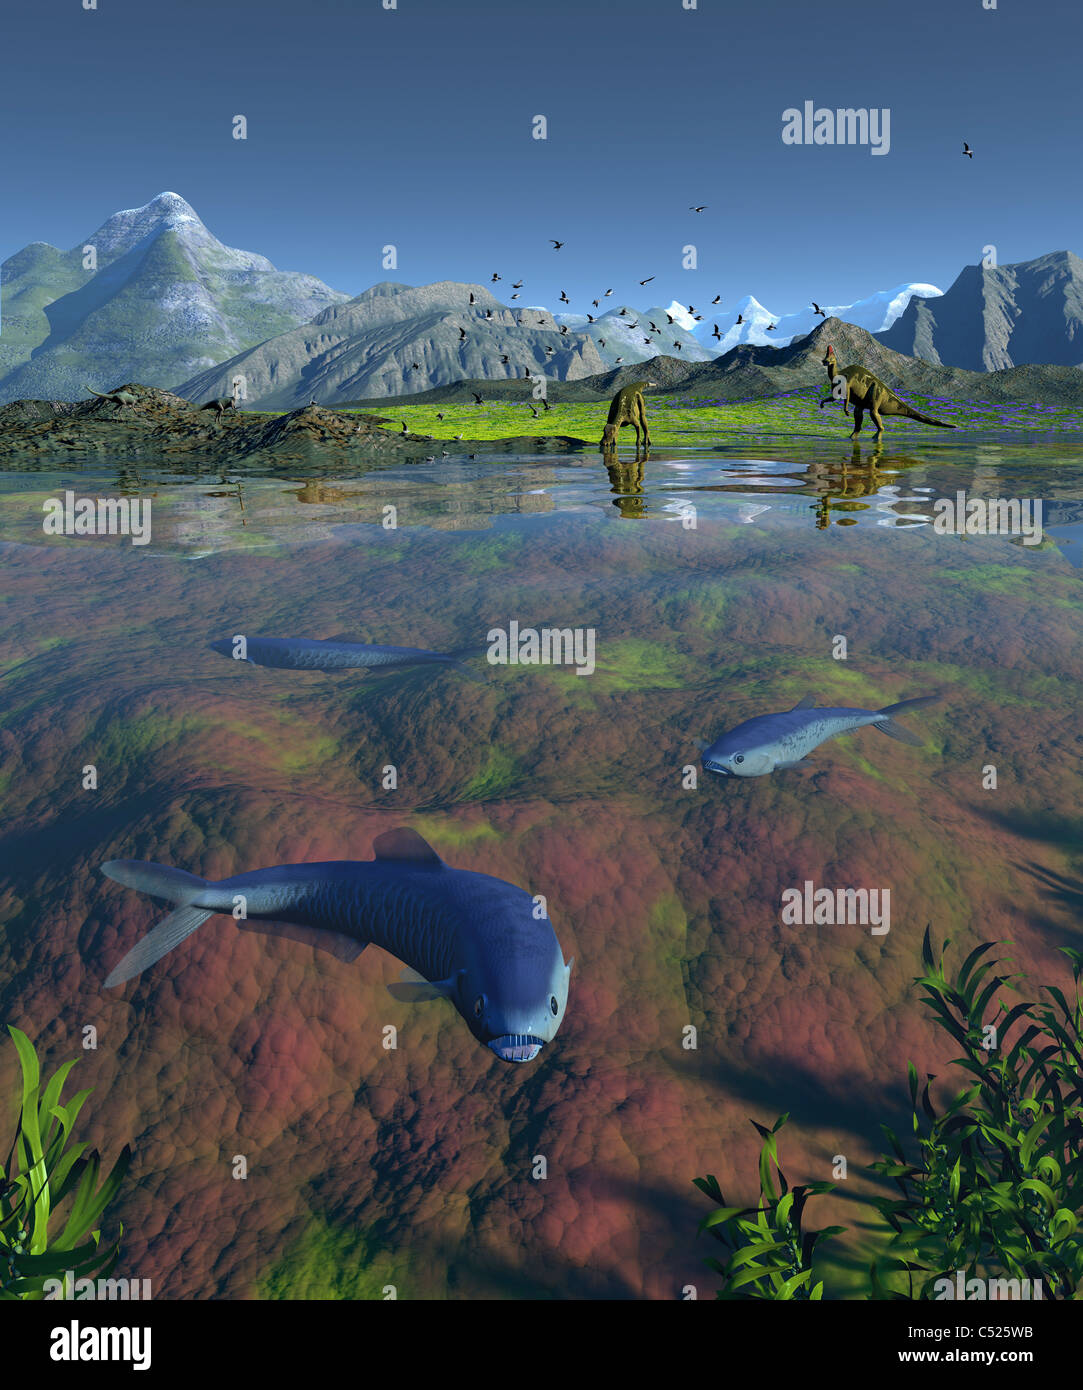 Los peces depredadores Enchodus Fanged desde finales del período Cretácico. Imagen De Stock